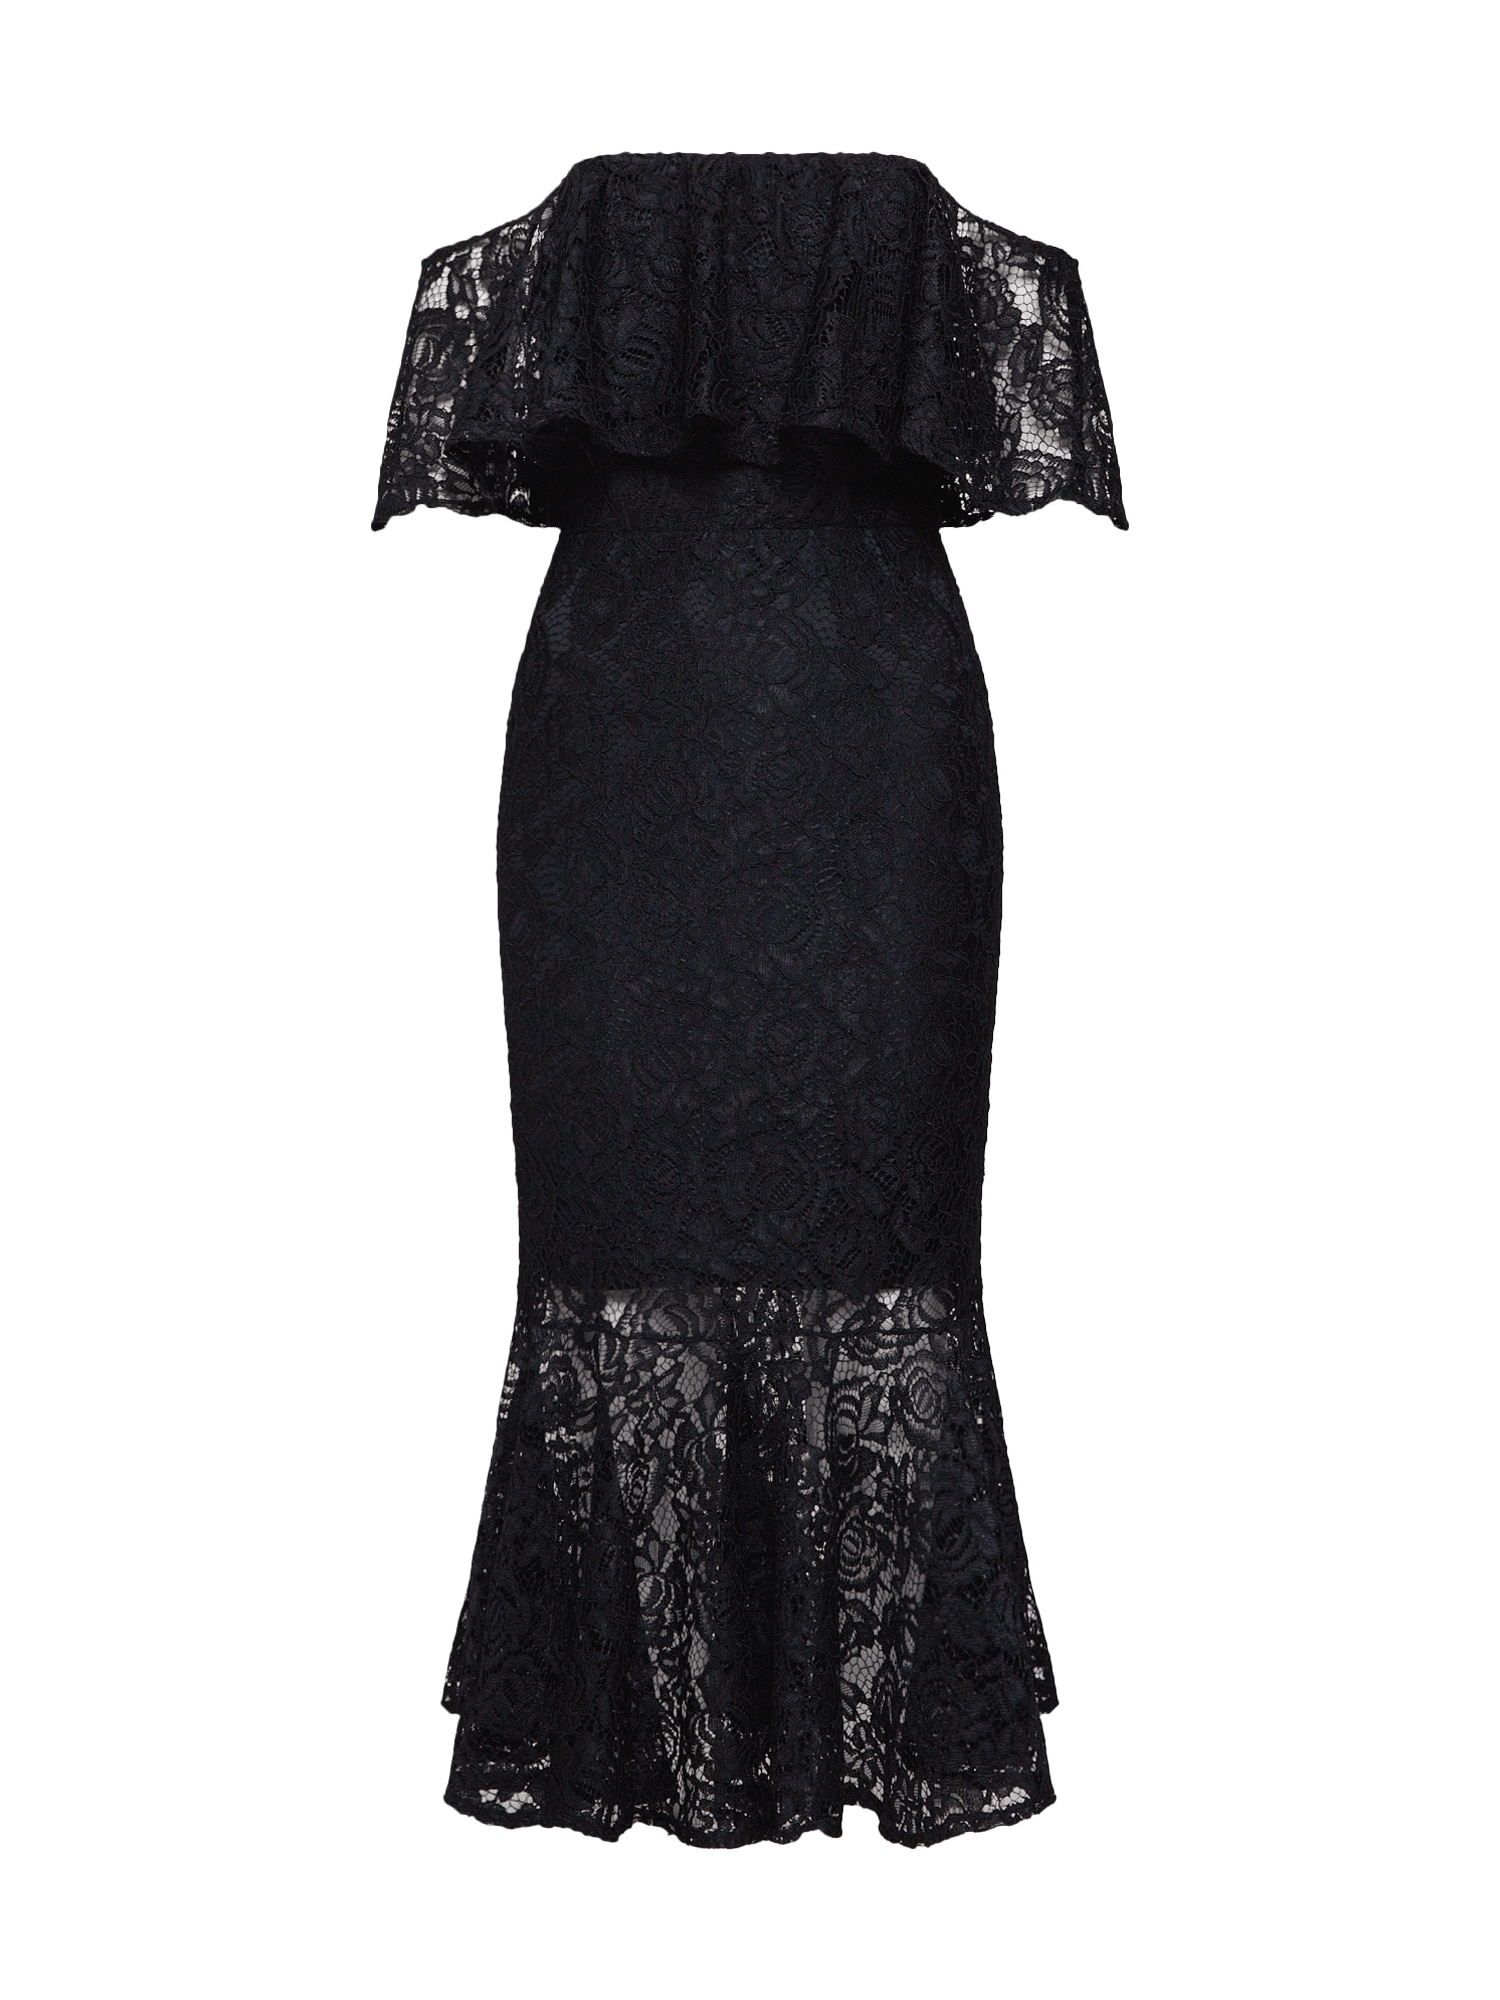 Koktejlové šaty VINNIE MIDI LACE DRESS černá TFNC